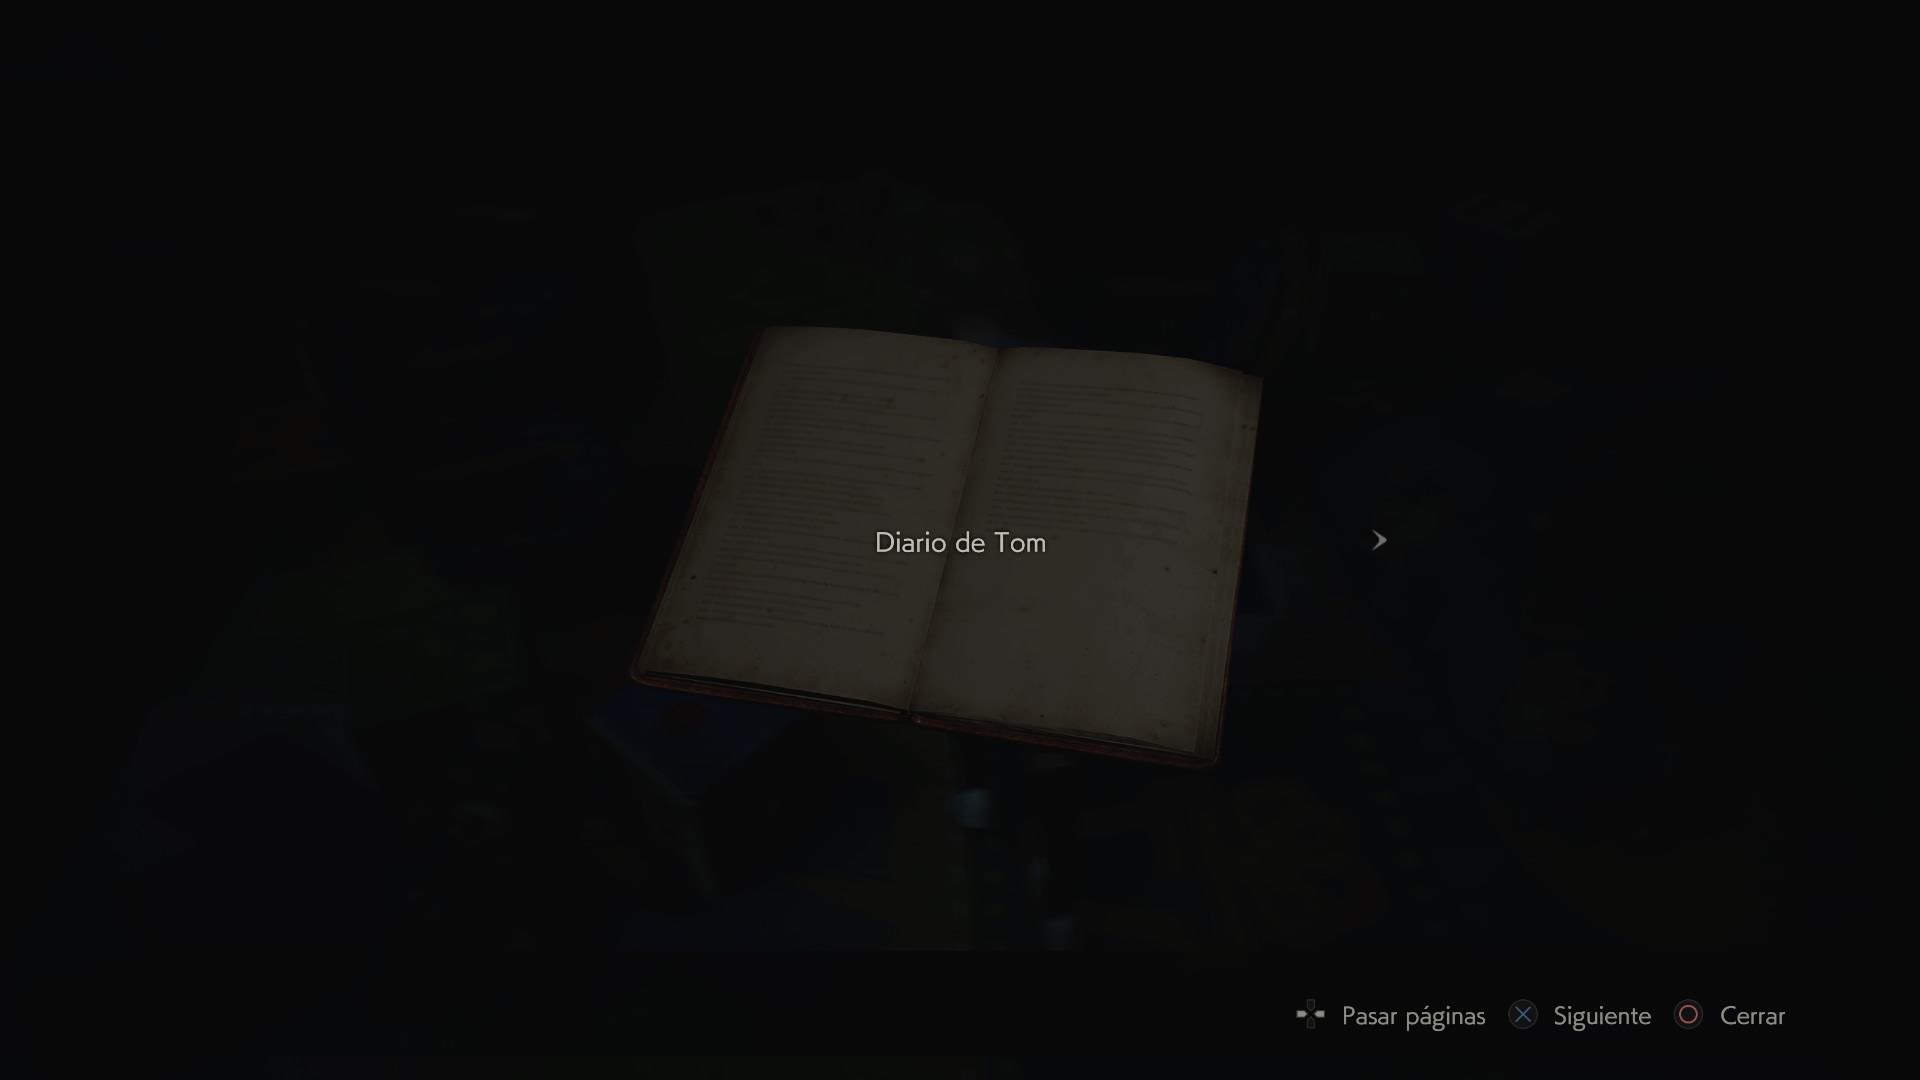 Diario de Tom